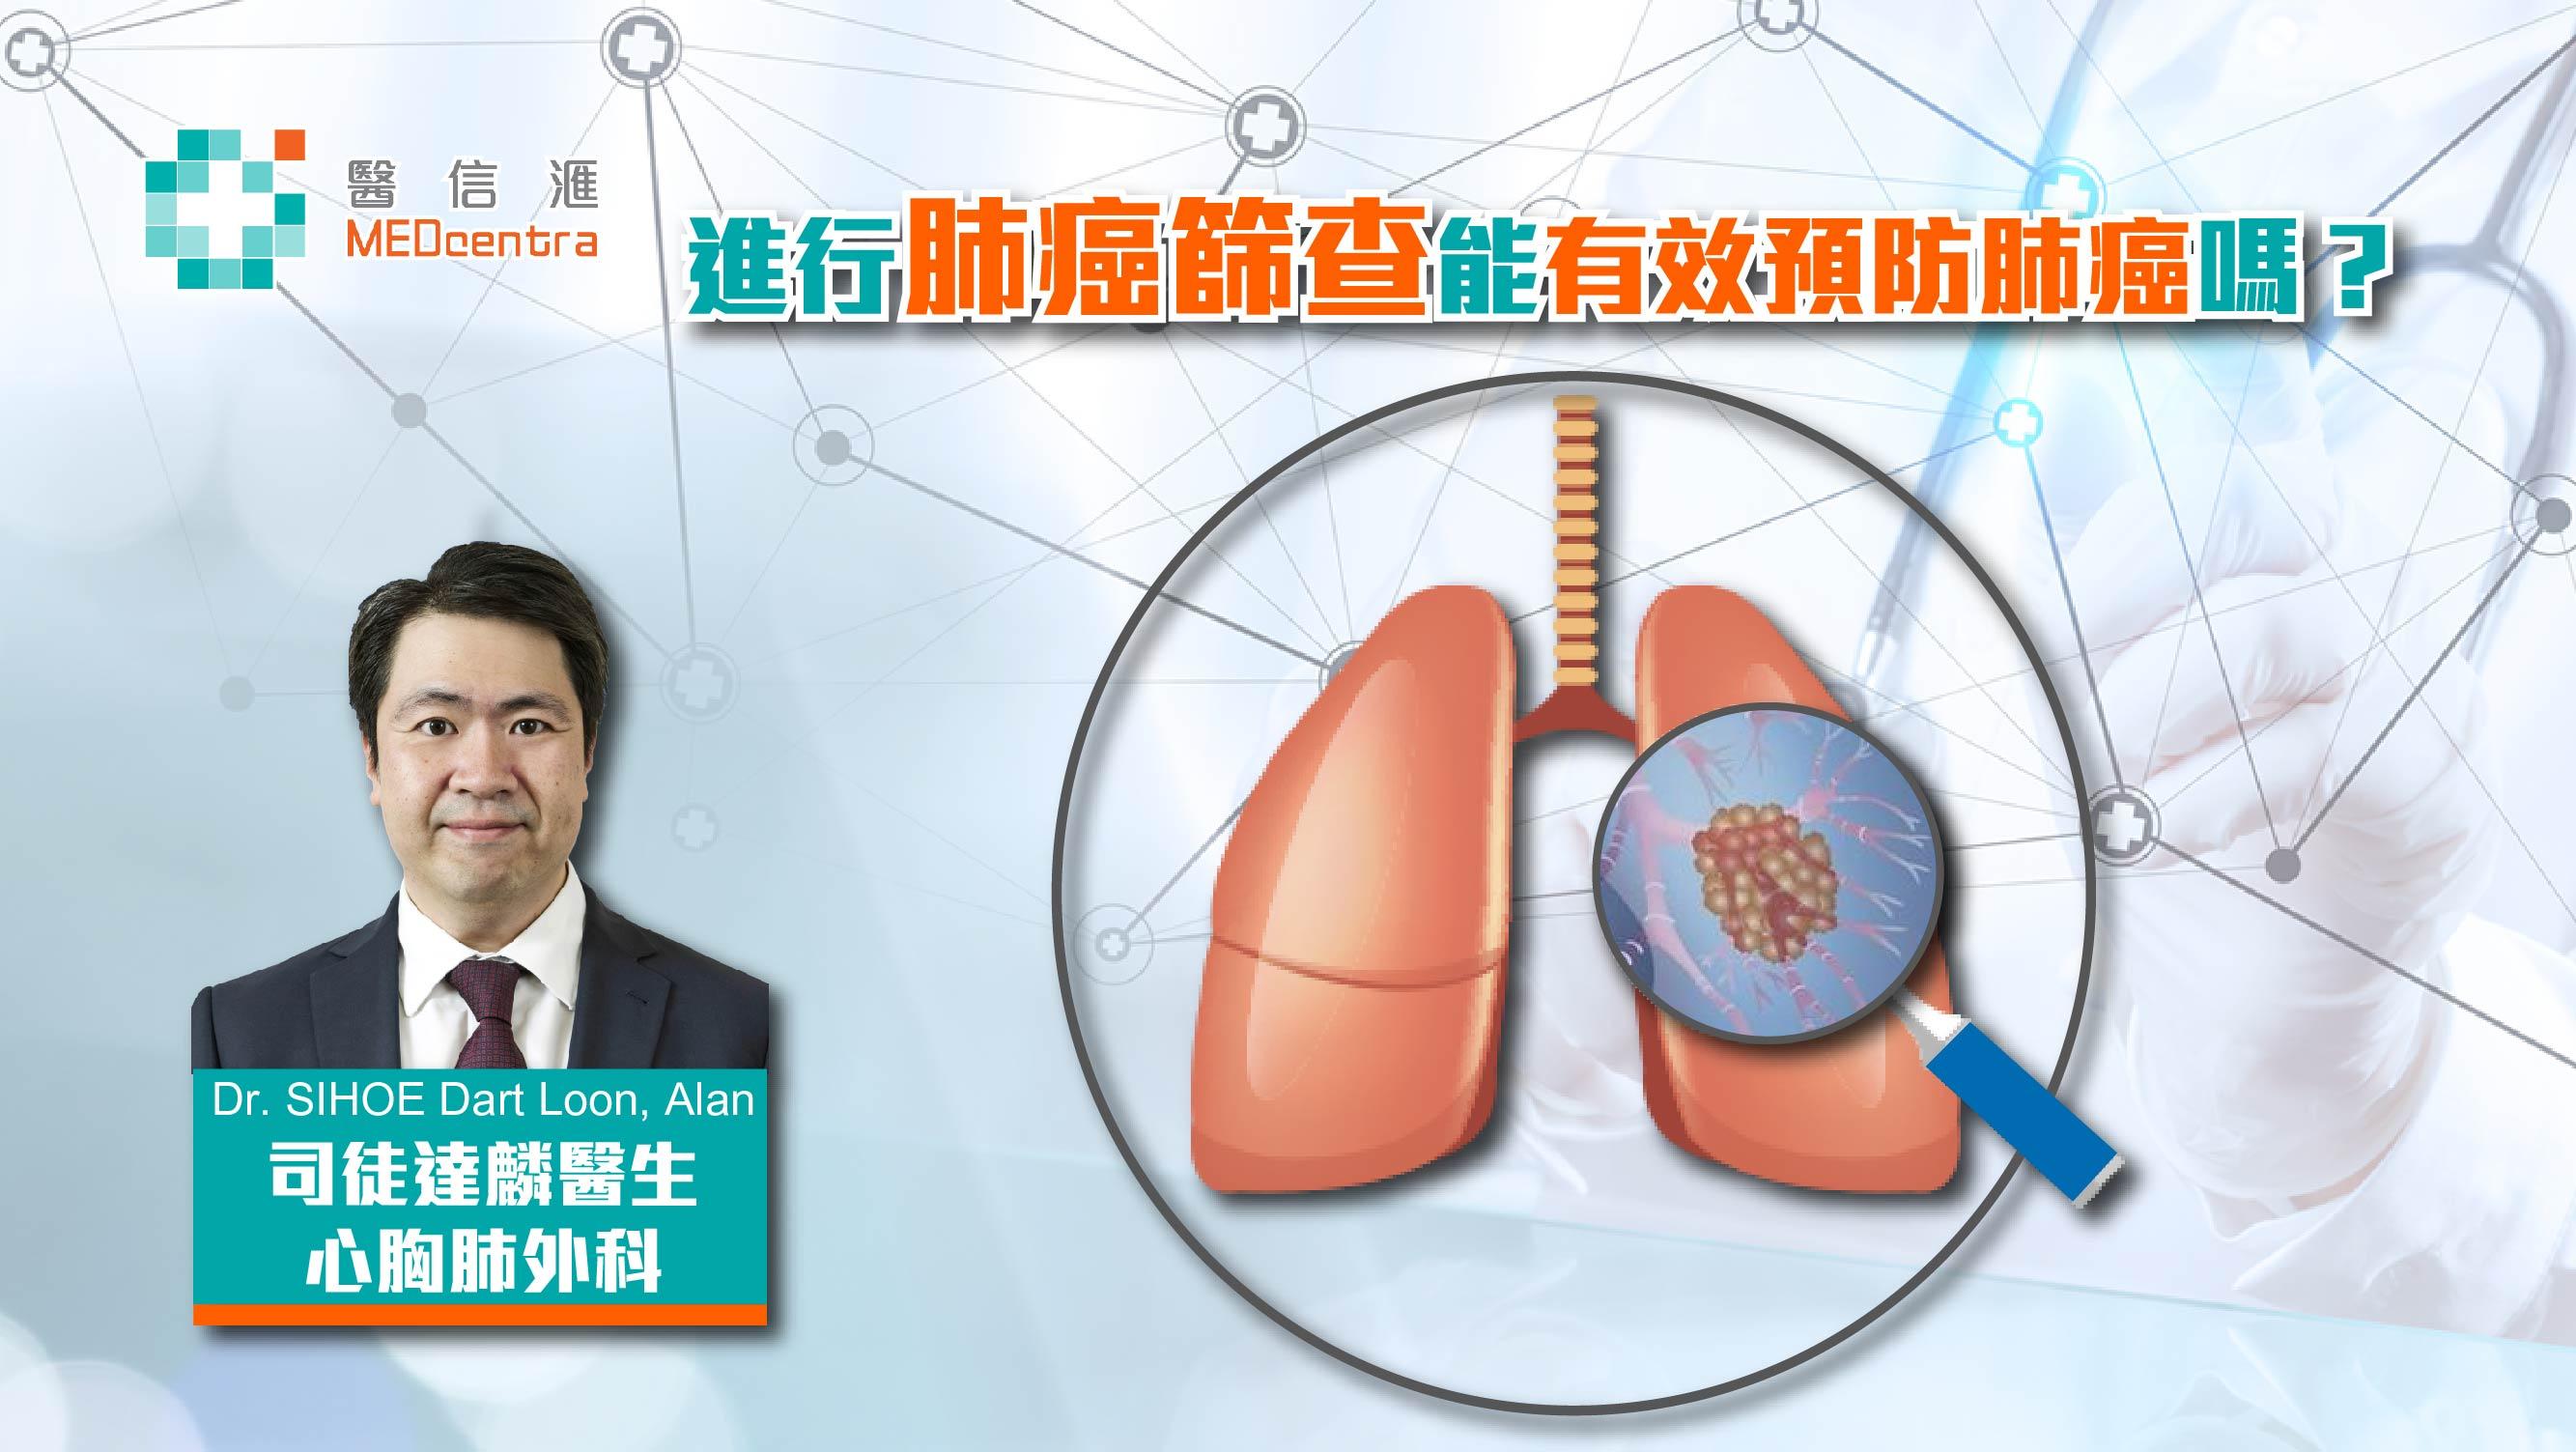 【心胸肺診症室】 進行肺癌篩查能有效預防肺癌嗎?